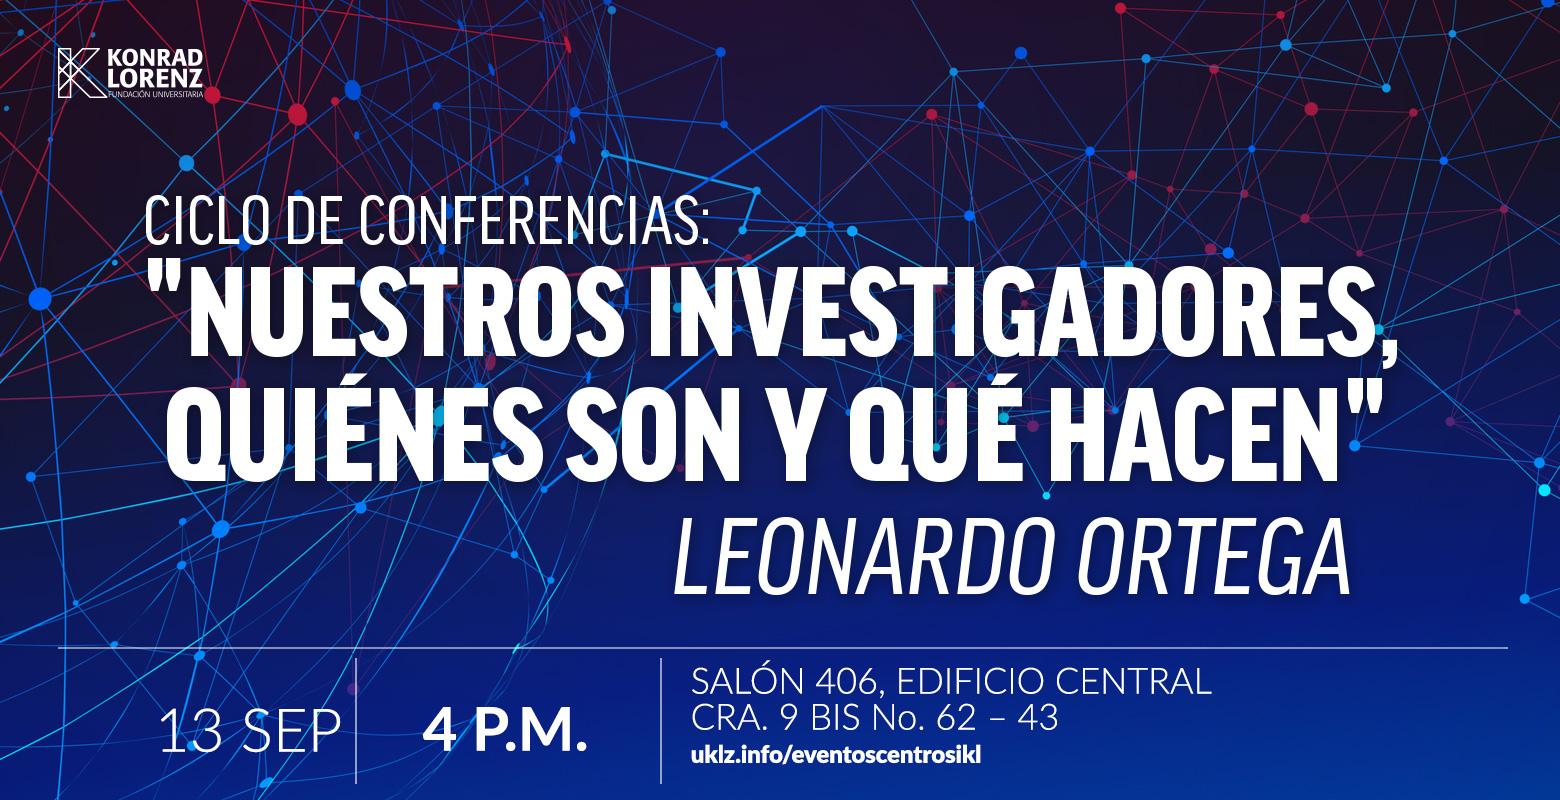 Conferencias: Nuestros investigadores, quiénes son y qué hacen: Leonardo Ortega